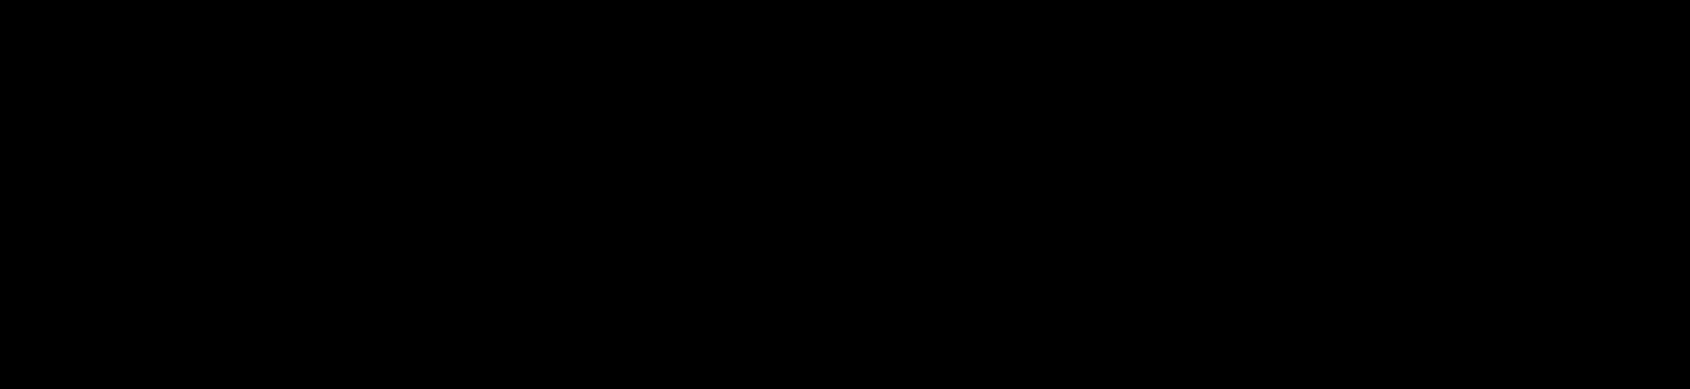 α-Aleuritic Acid